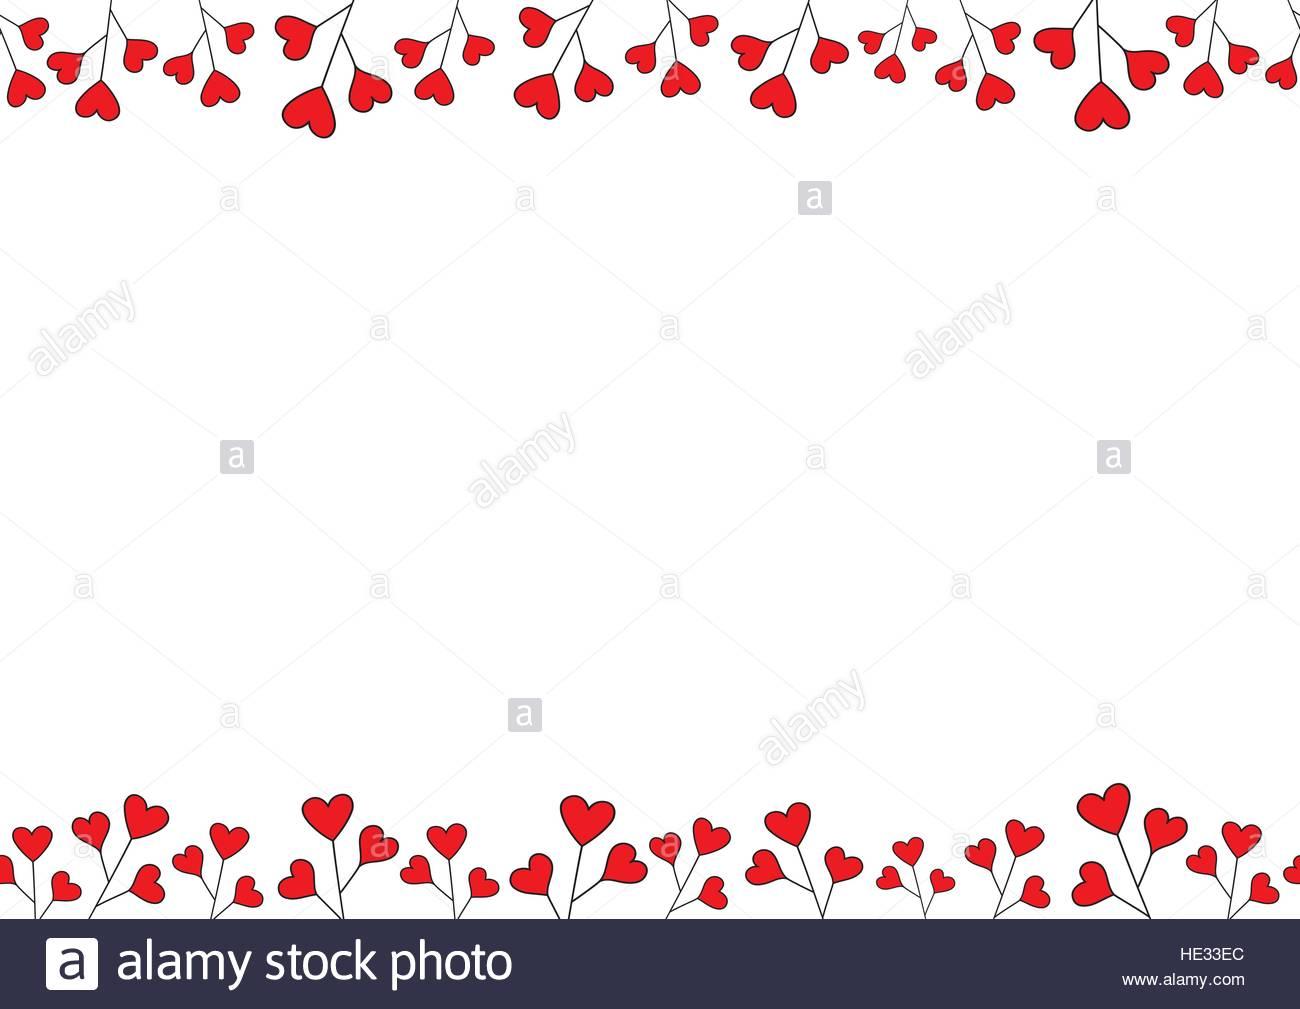 Valentinstag Hintergrund. Rote Herzen Rahmen. Horizontale Vektor Nahtlose  Rahmen Mit Platz Für Ihren Text.